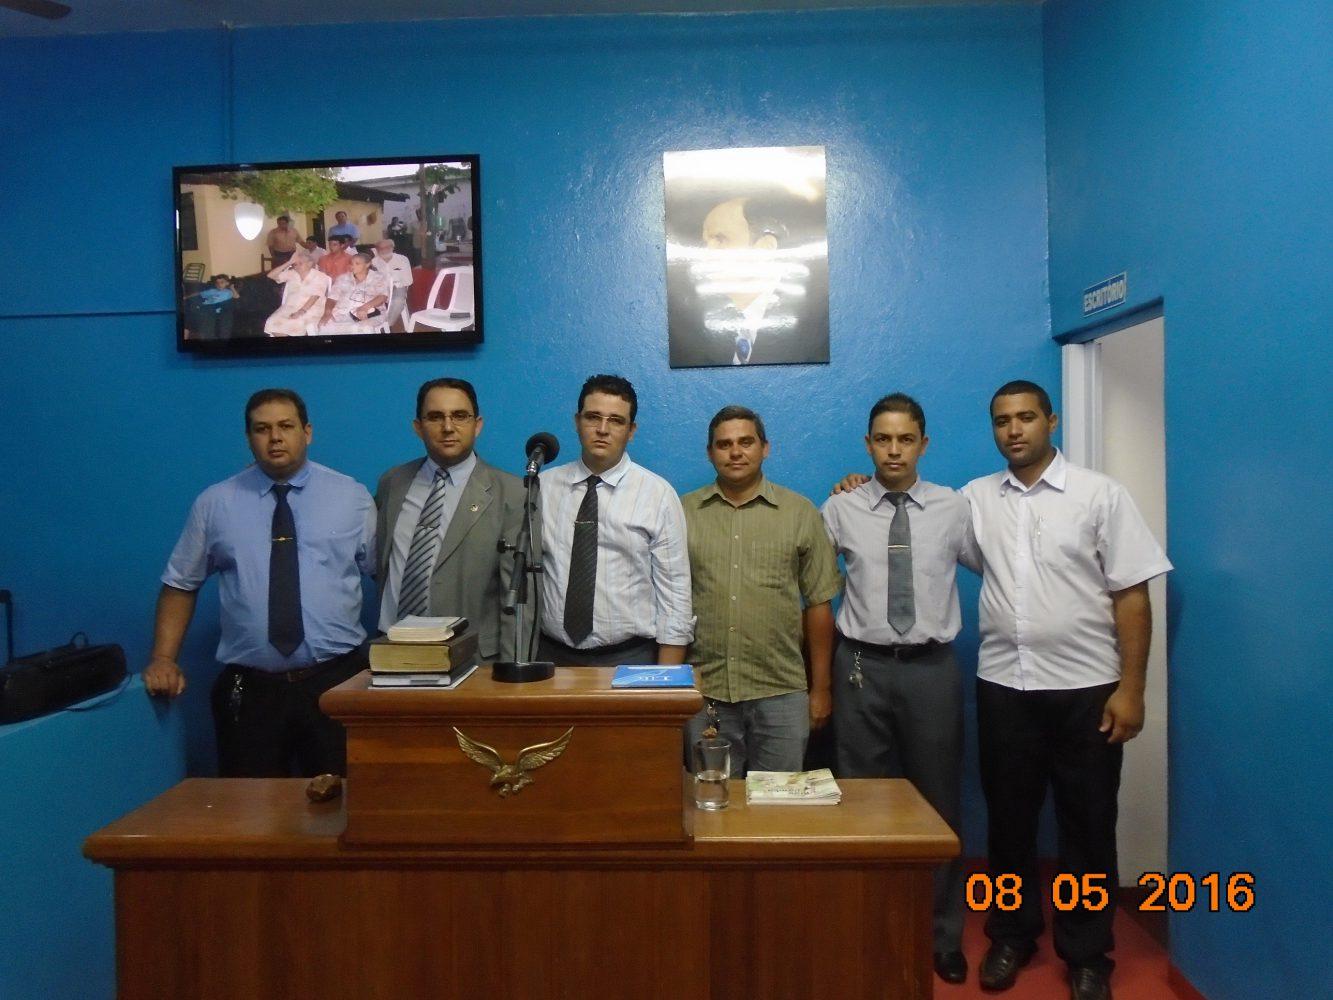 Pr. Yendis e irmãos - Comemoração 10 anos de ministério em Ituiutaba-MG